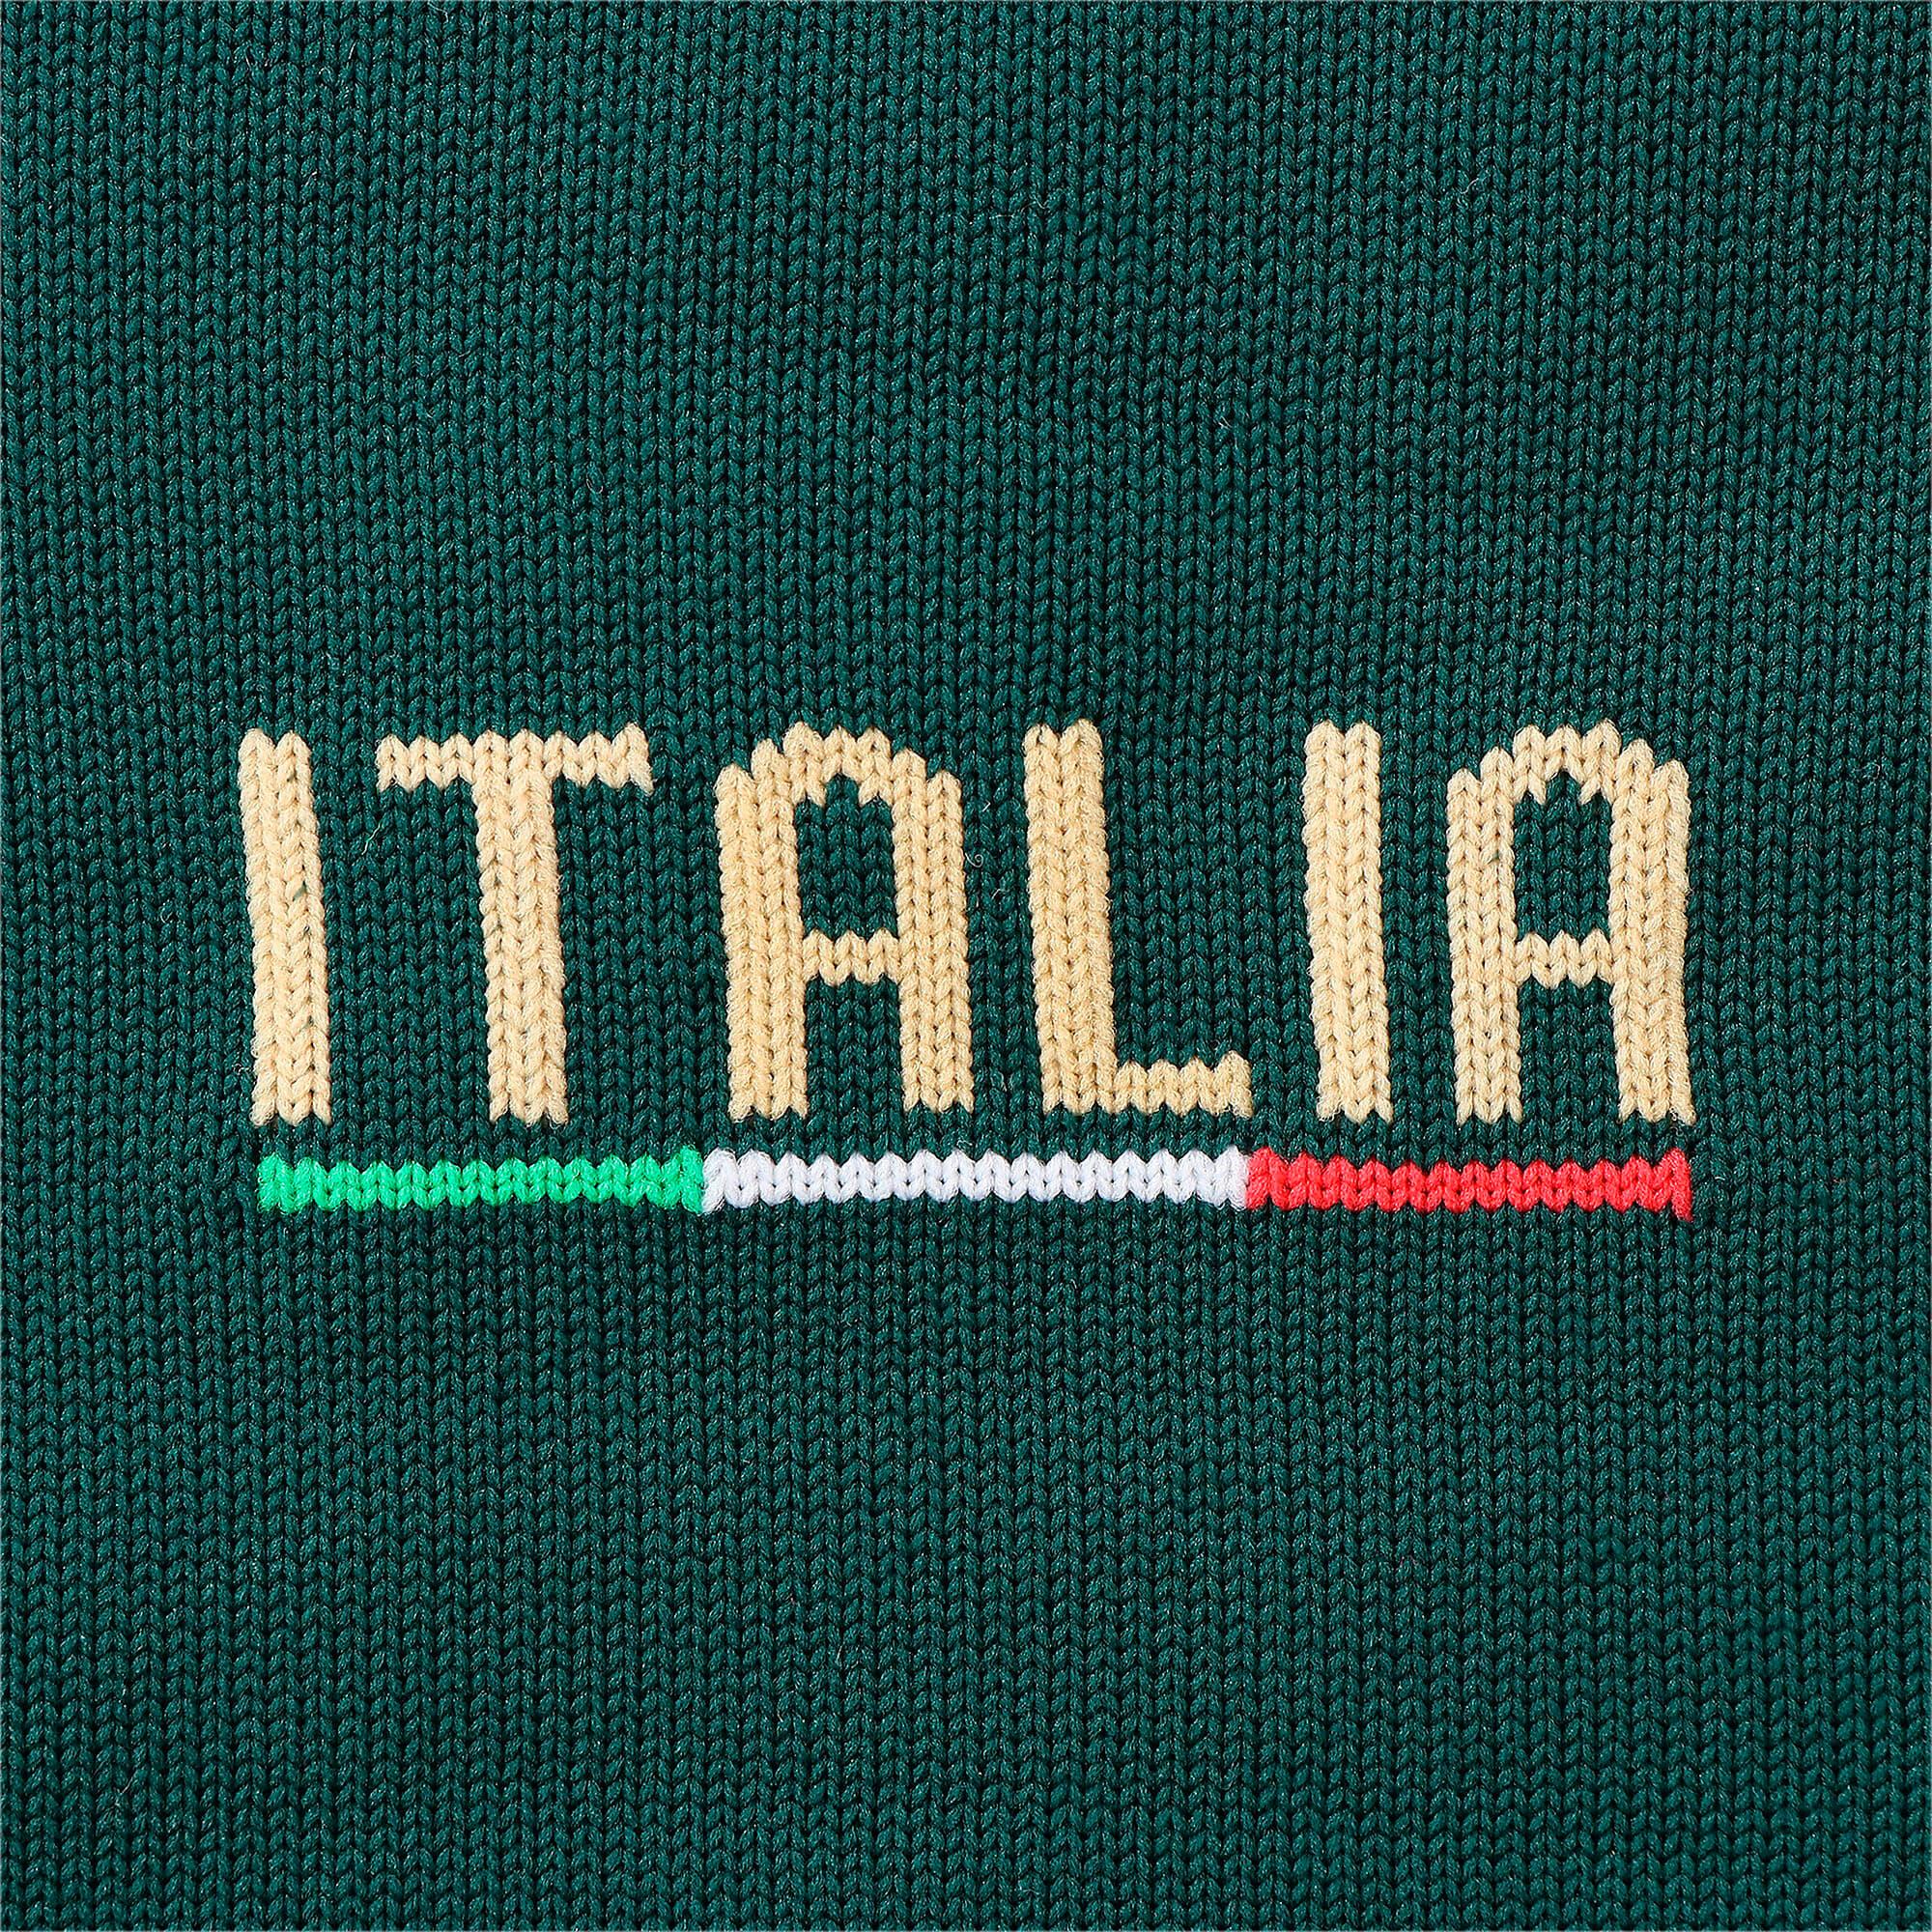 Thumbnail 7 of FIGC イタリア RENAISSANCE ソックス, Ponderosa Pine-Peacoat, medium-JPN